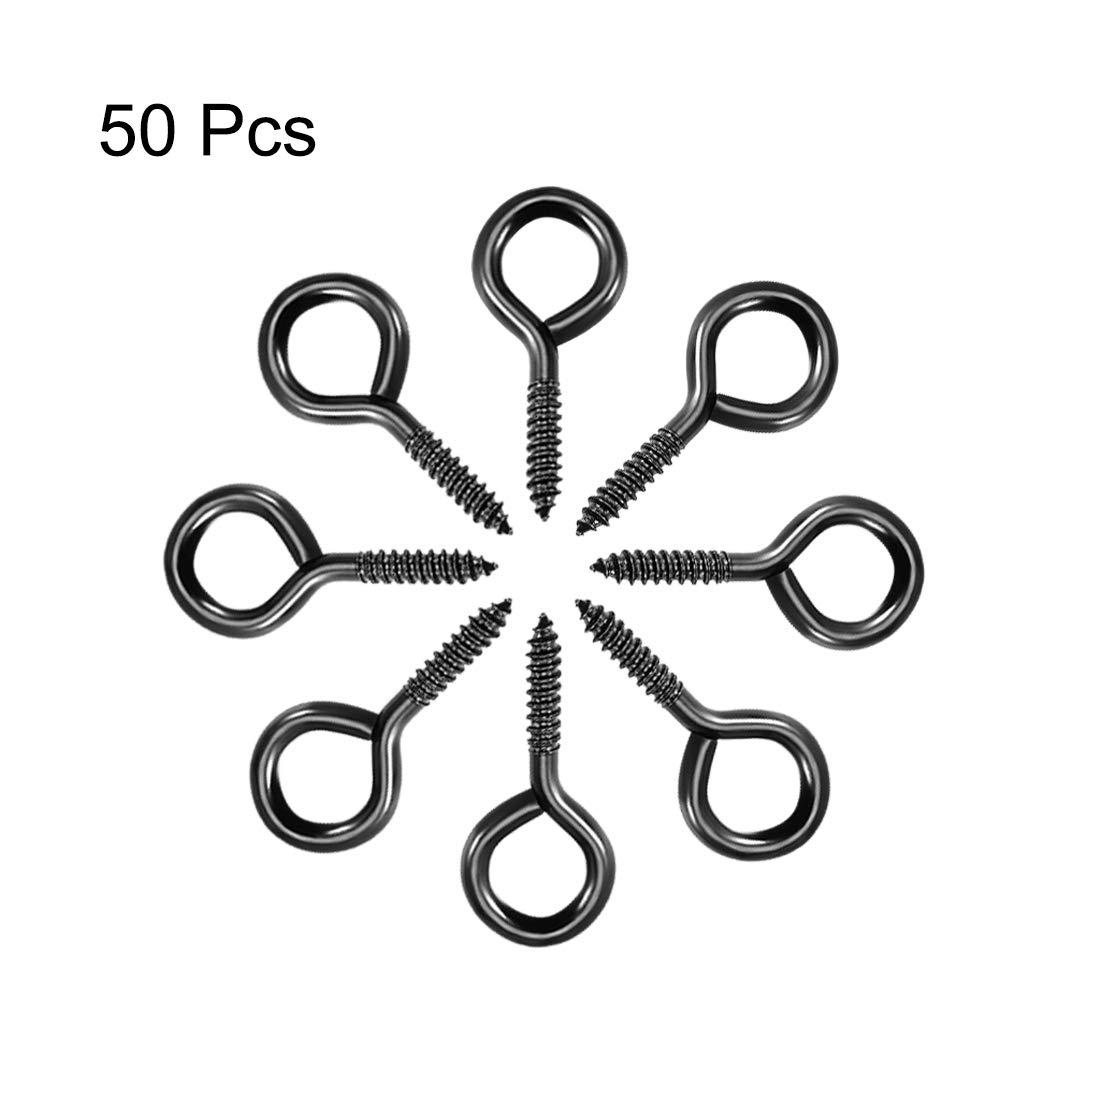 uxcell/® 0.39 Screw Eye Hooks Self Tapping Screws Screw-in Hanger Eye-Shape Ring Hooks Black 100pcs